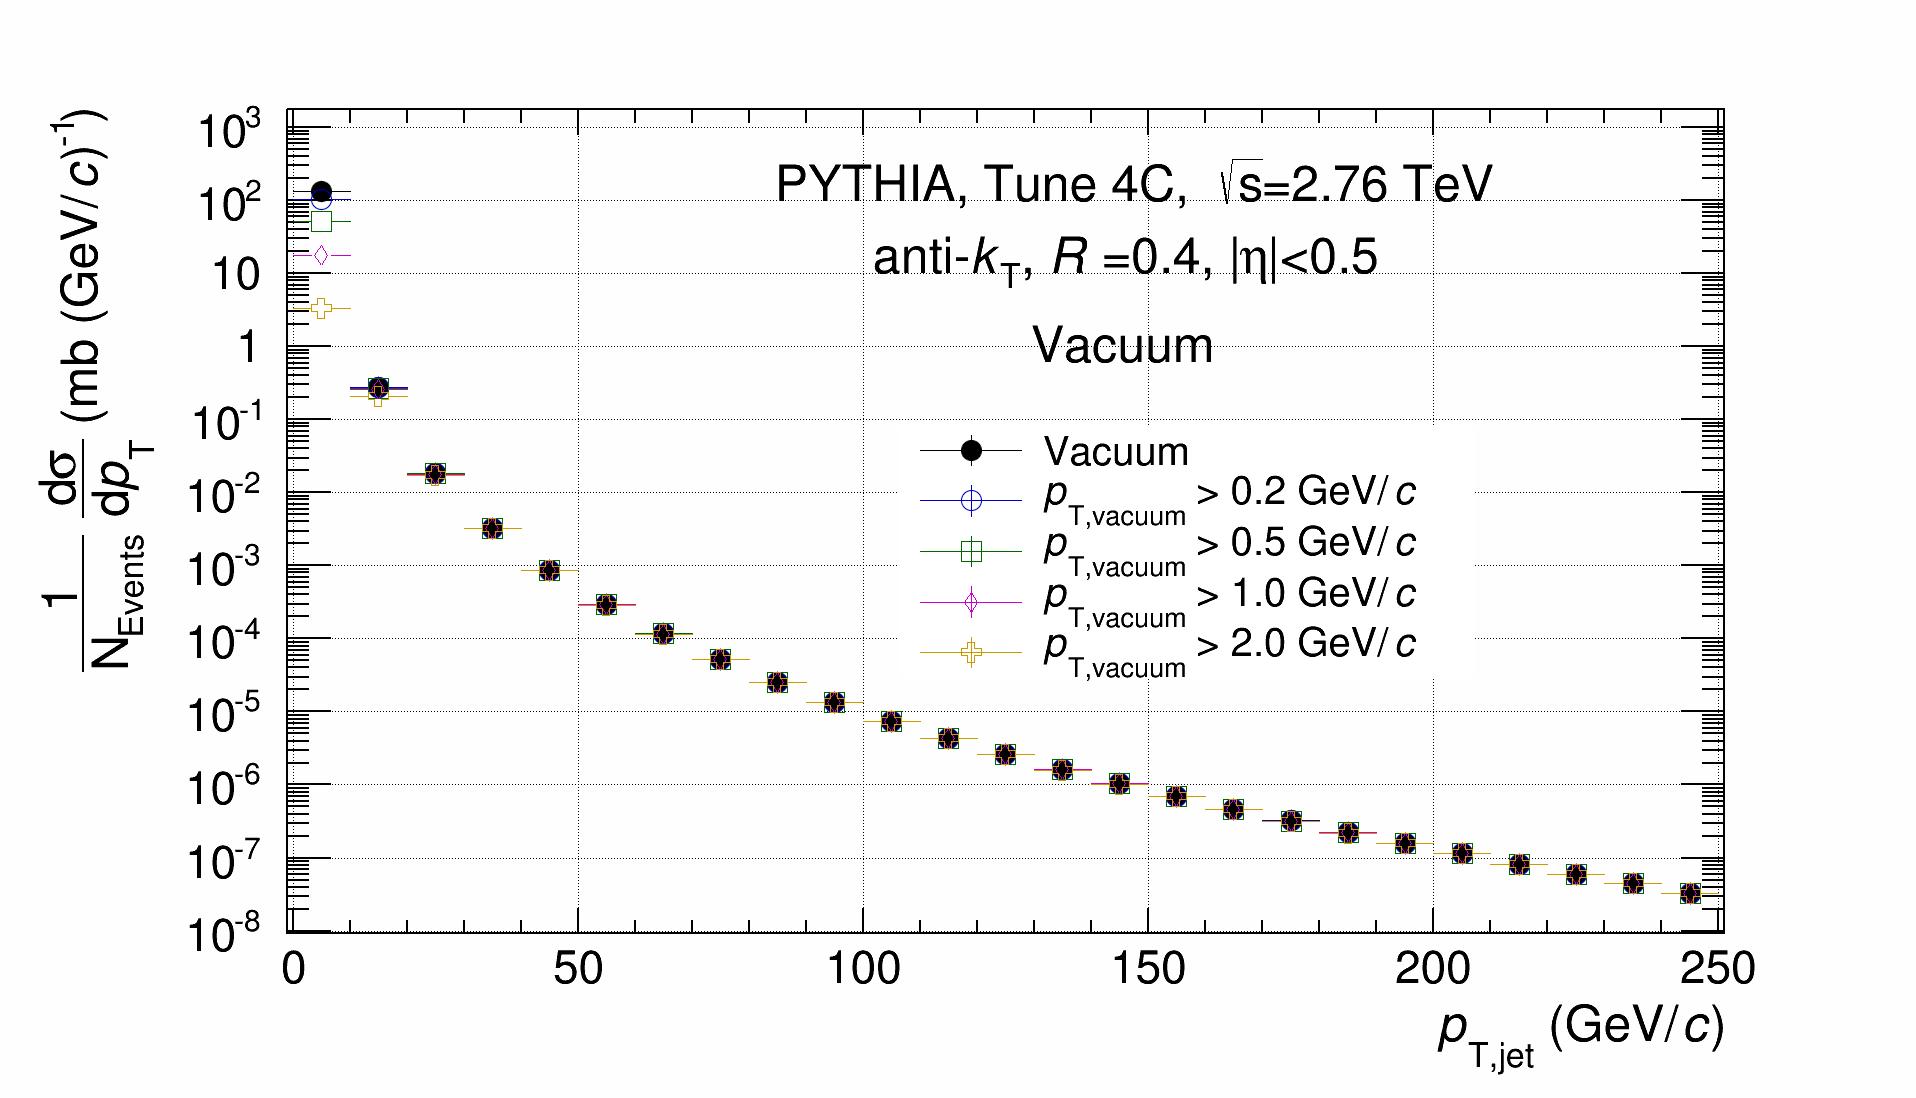 Vacuum_Spectrum.png